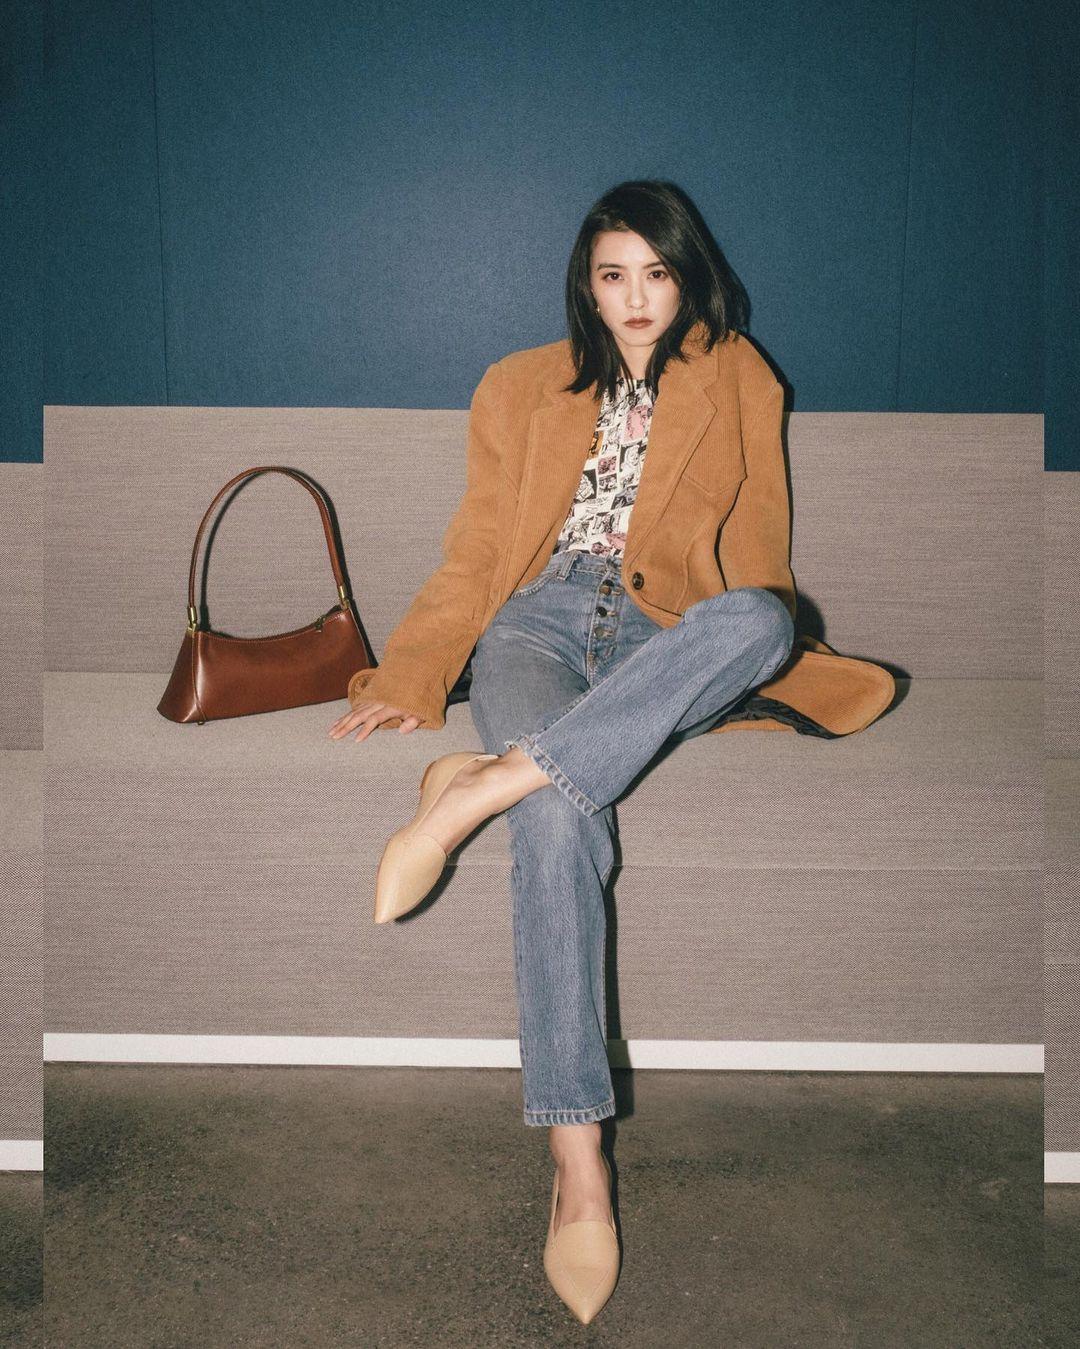 Quần jeans cạp cao phù hợp với hình thể giúp chân trông dài hơn